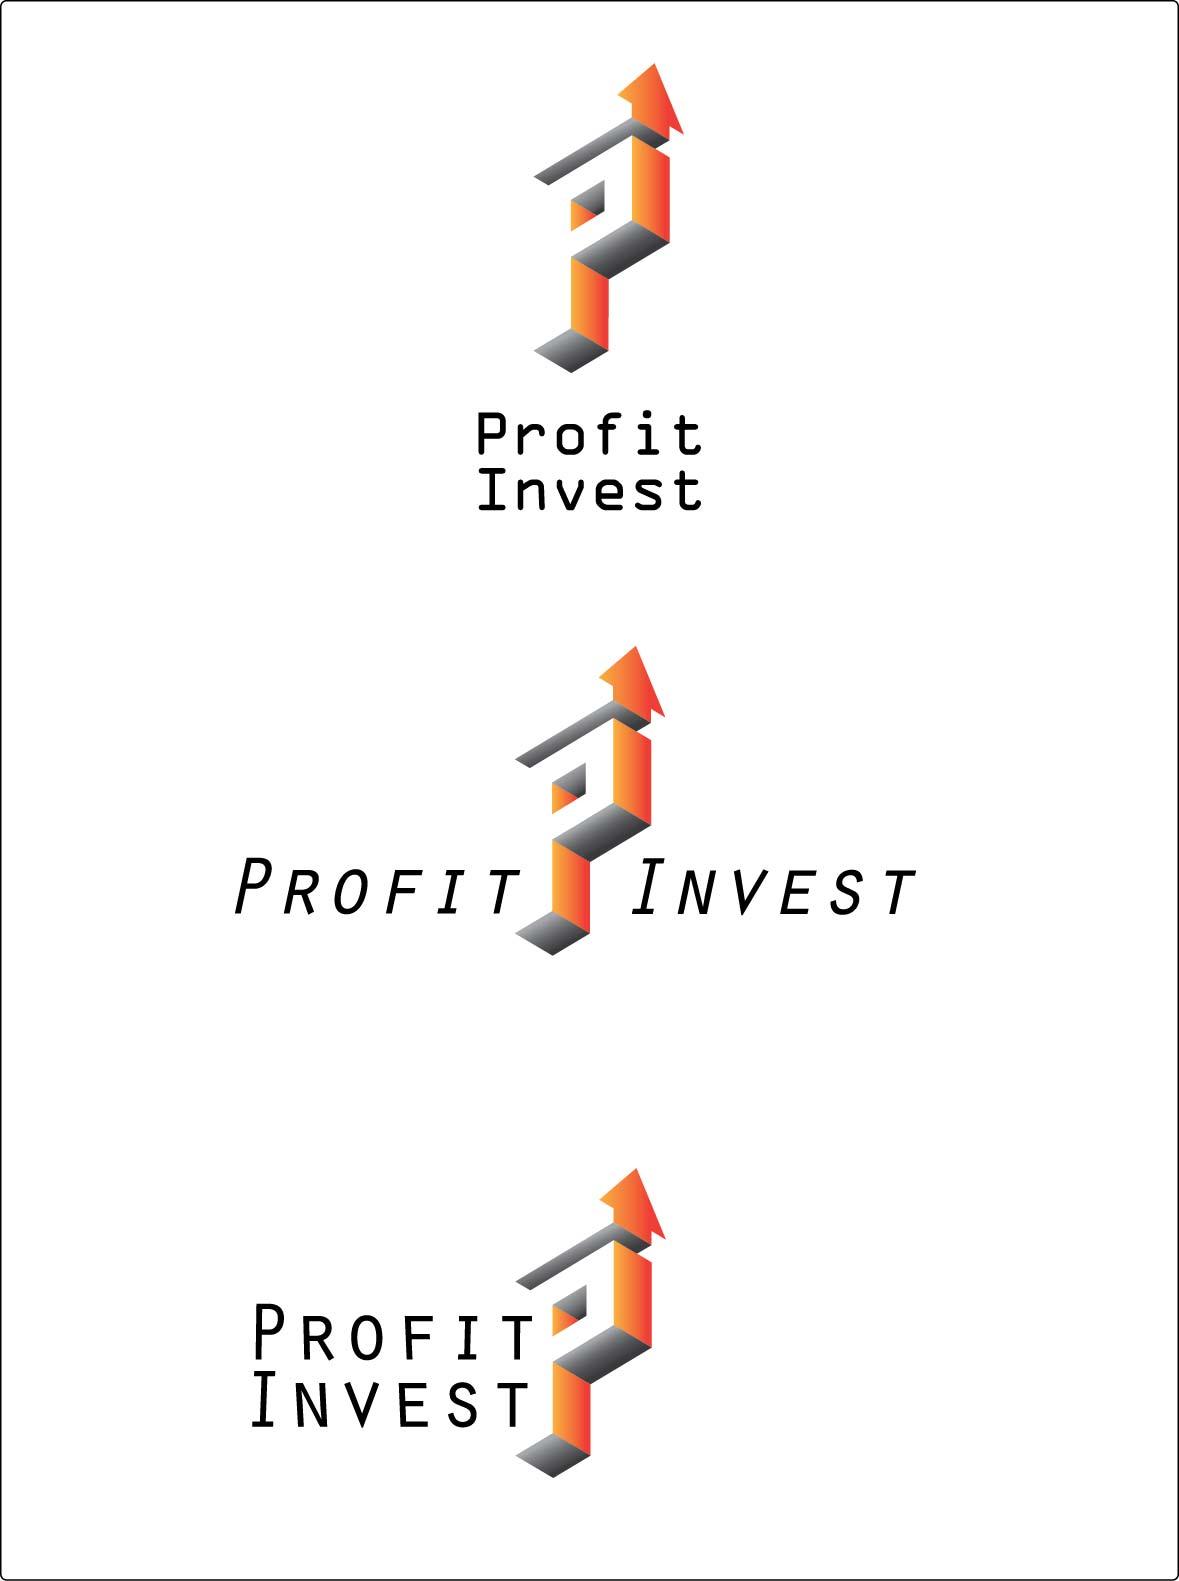 Разработка логотипа для брокерской компании фото f_4f1b773b88dc2.jpg